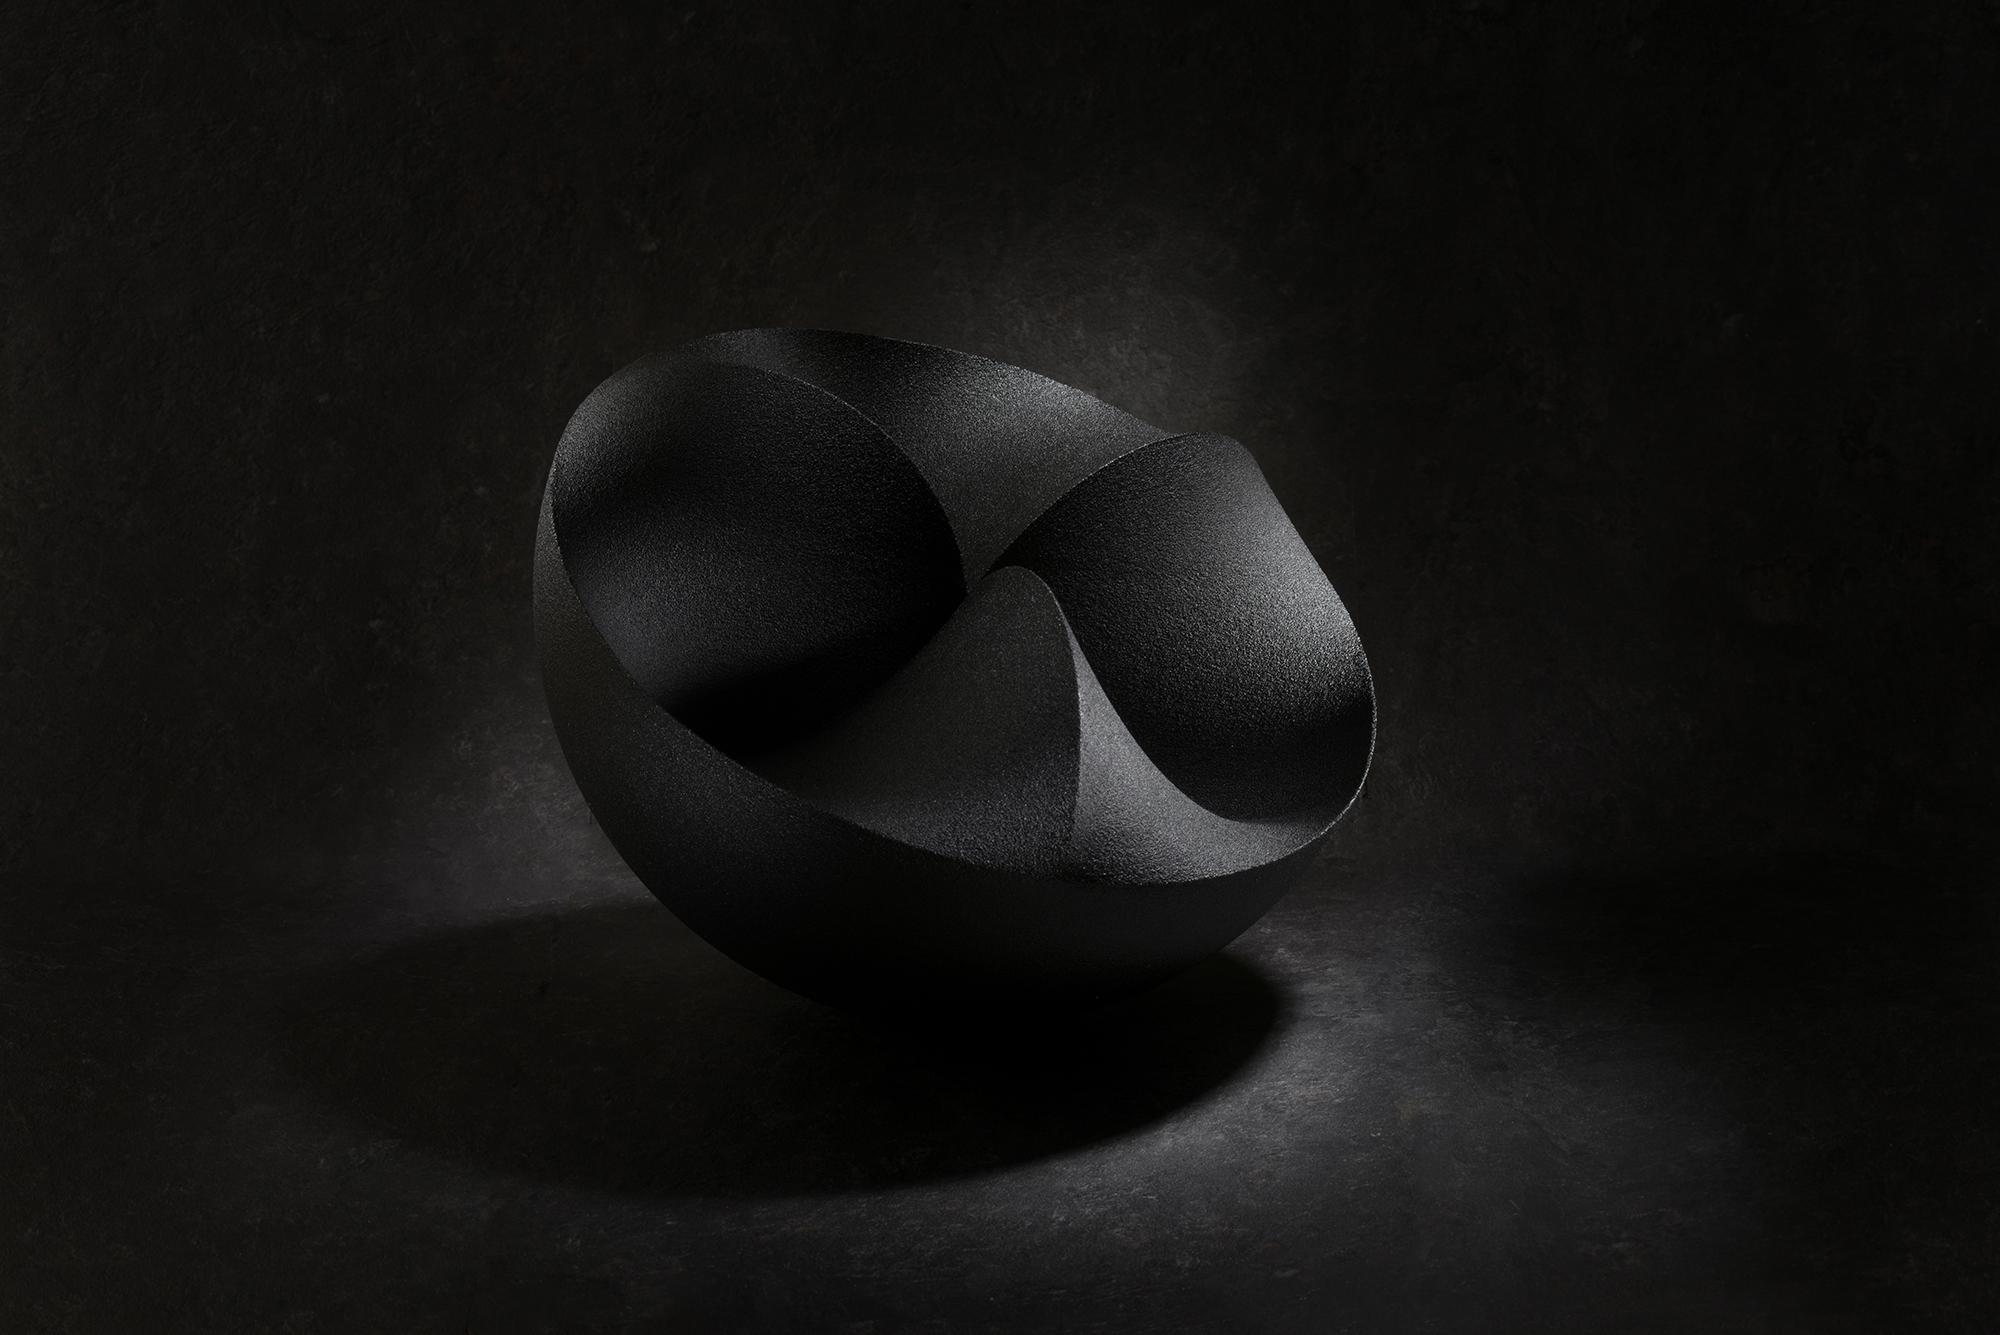 Hemi-Sphere VII